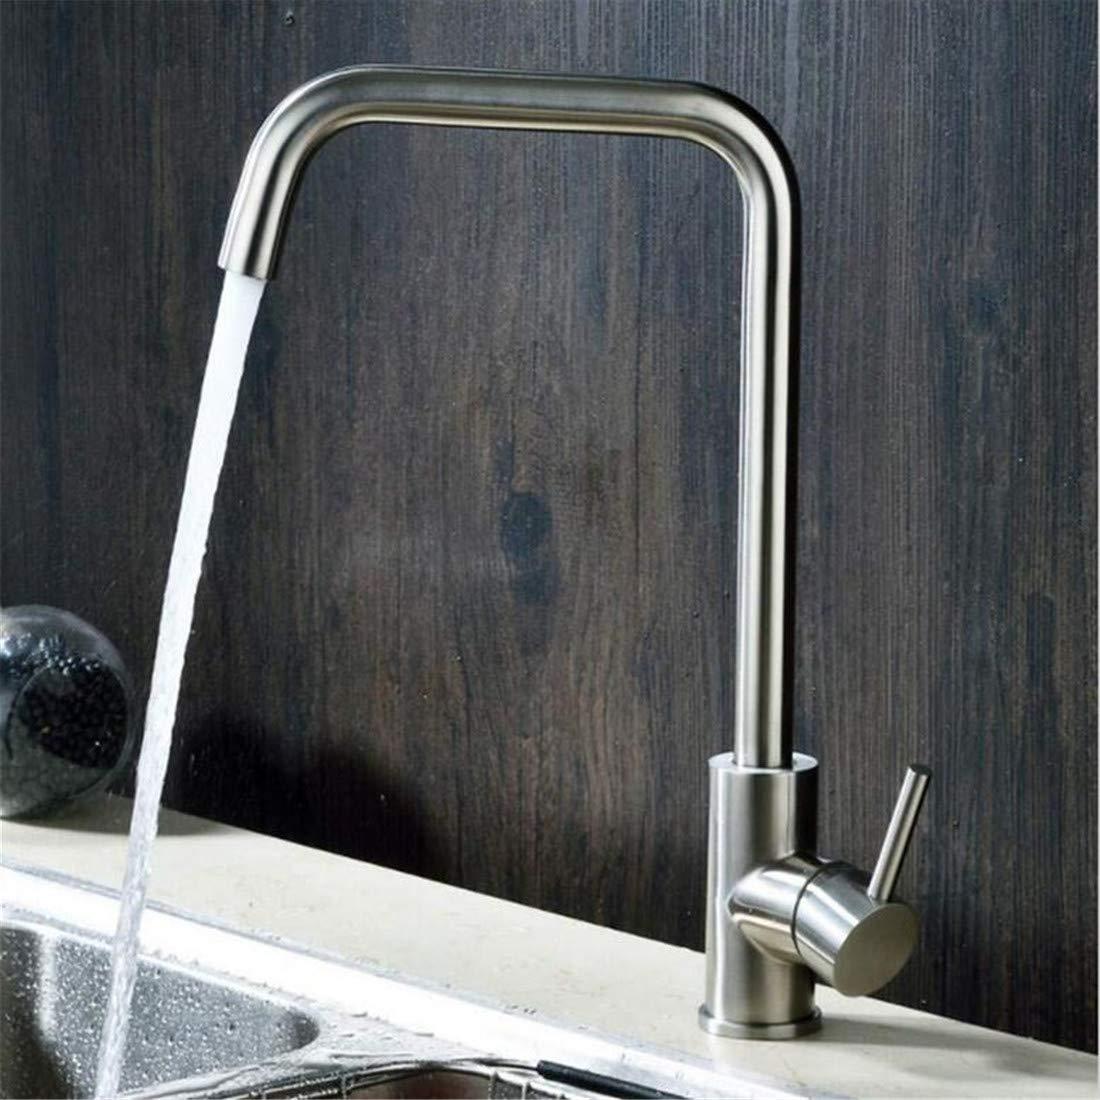 Toilettenvorrichtungen Verchromte Messing Vintage Badezimmer Wasserhähne  Küche Waschbecken Sink Warmes Und Kaltes Wasser Drehwasserhahn Edelstahl ...